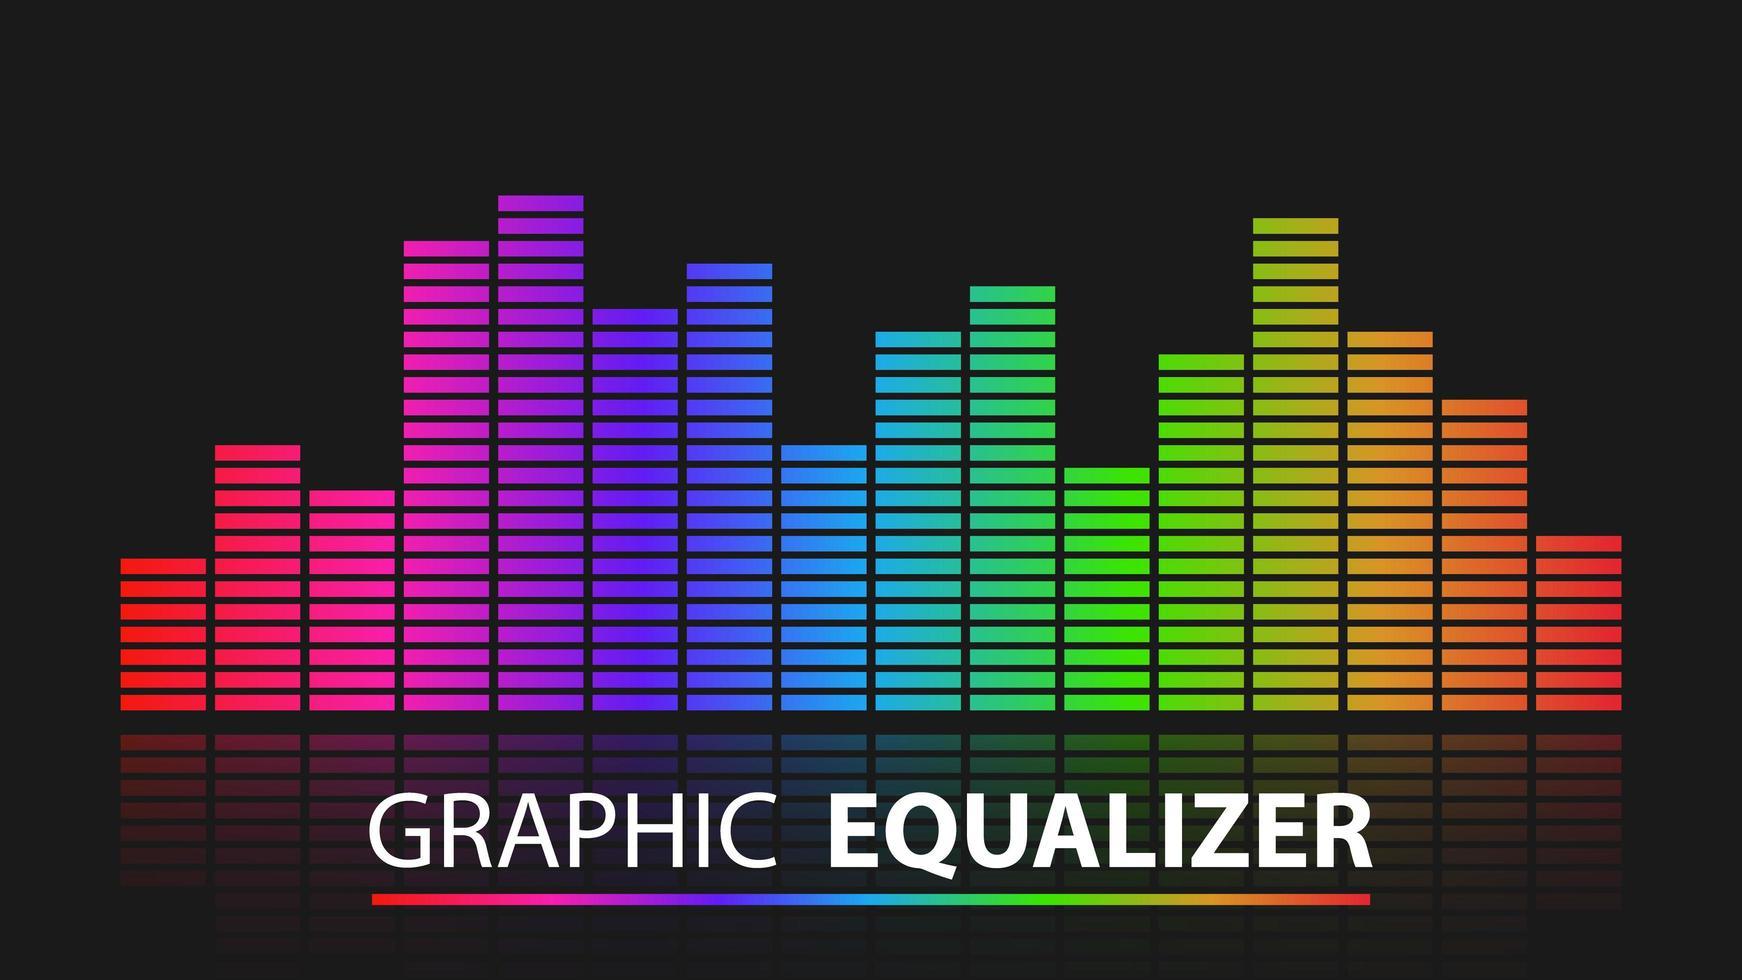 ecualizador gráfico colorido con reflejo vector